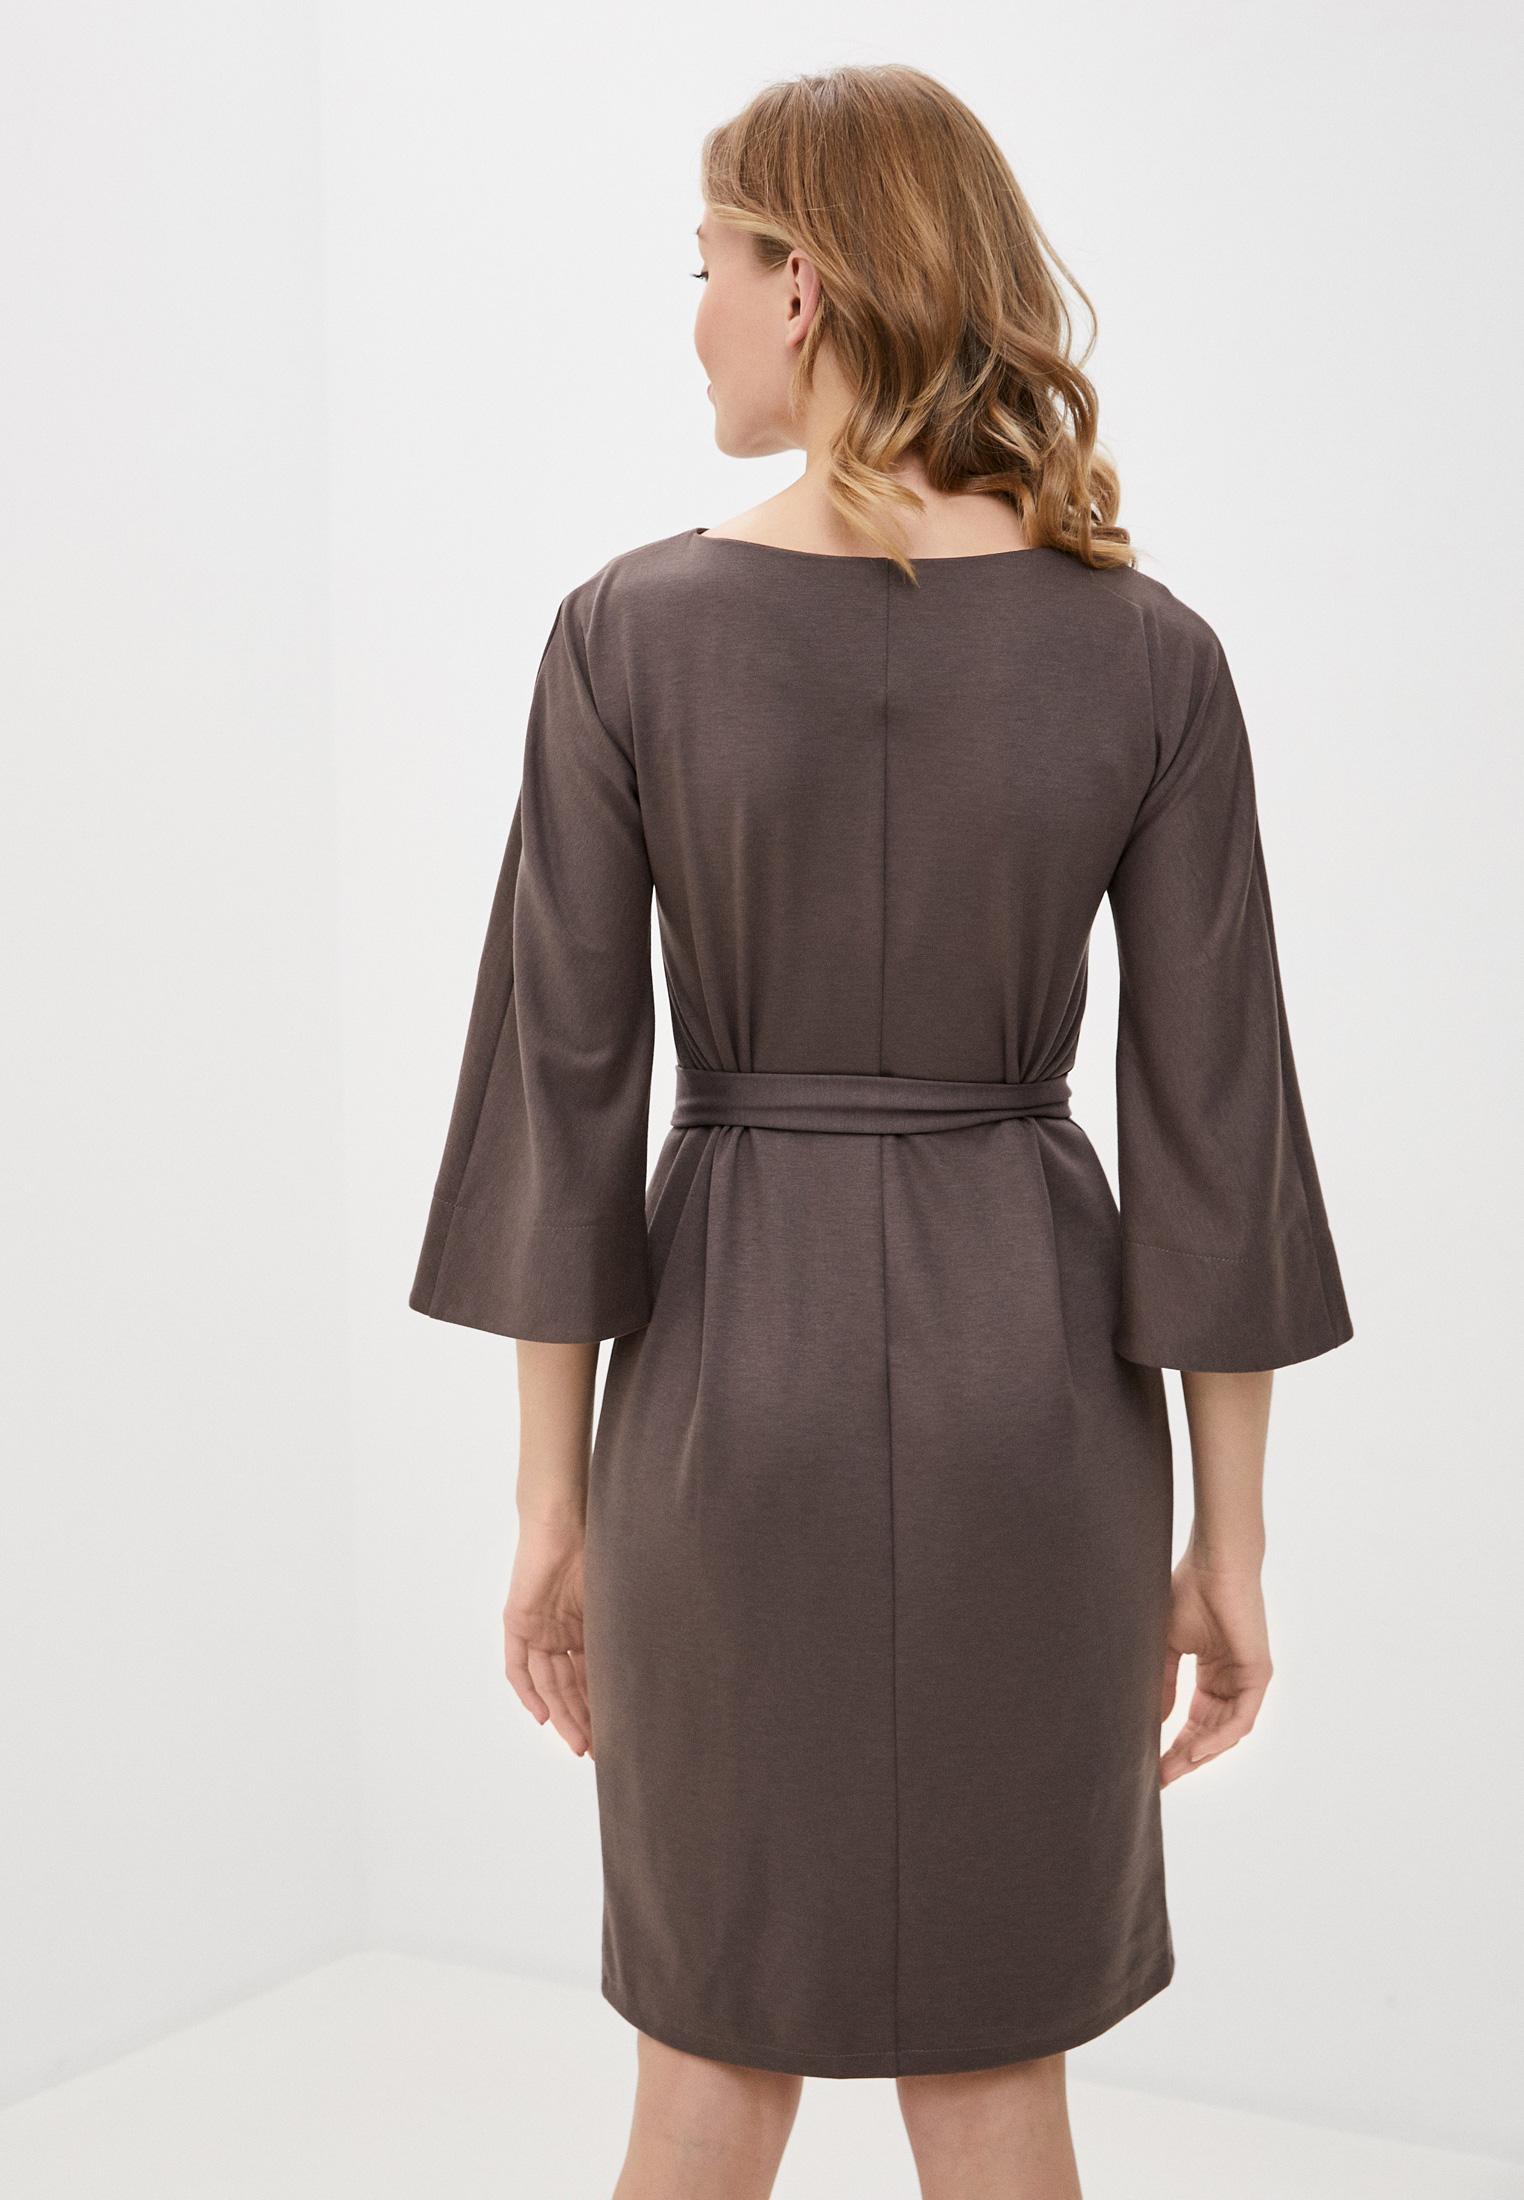 Повседневное платье Alina Assi 11-502-206-Beige-L: изображение 4